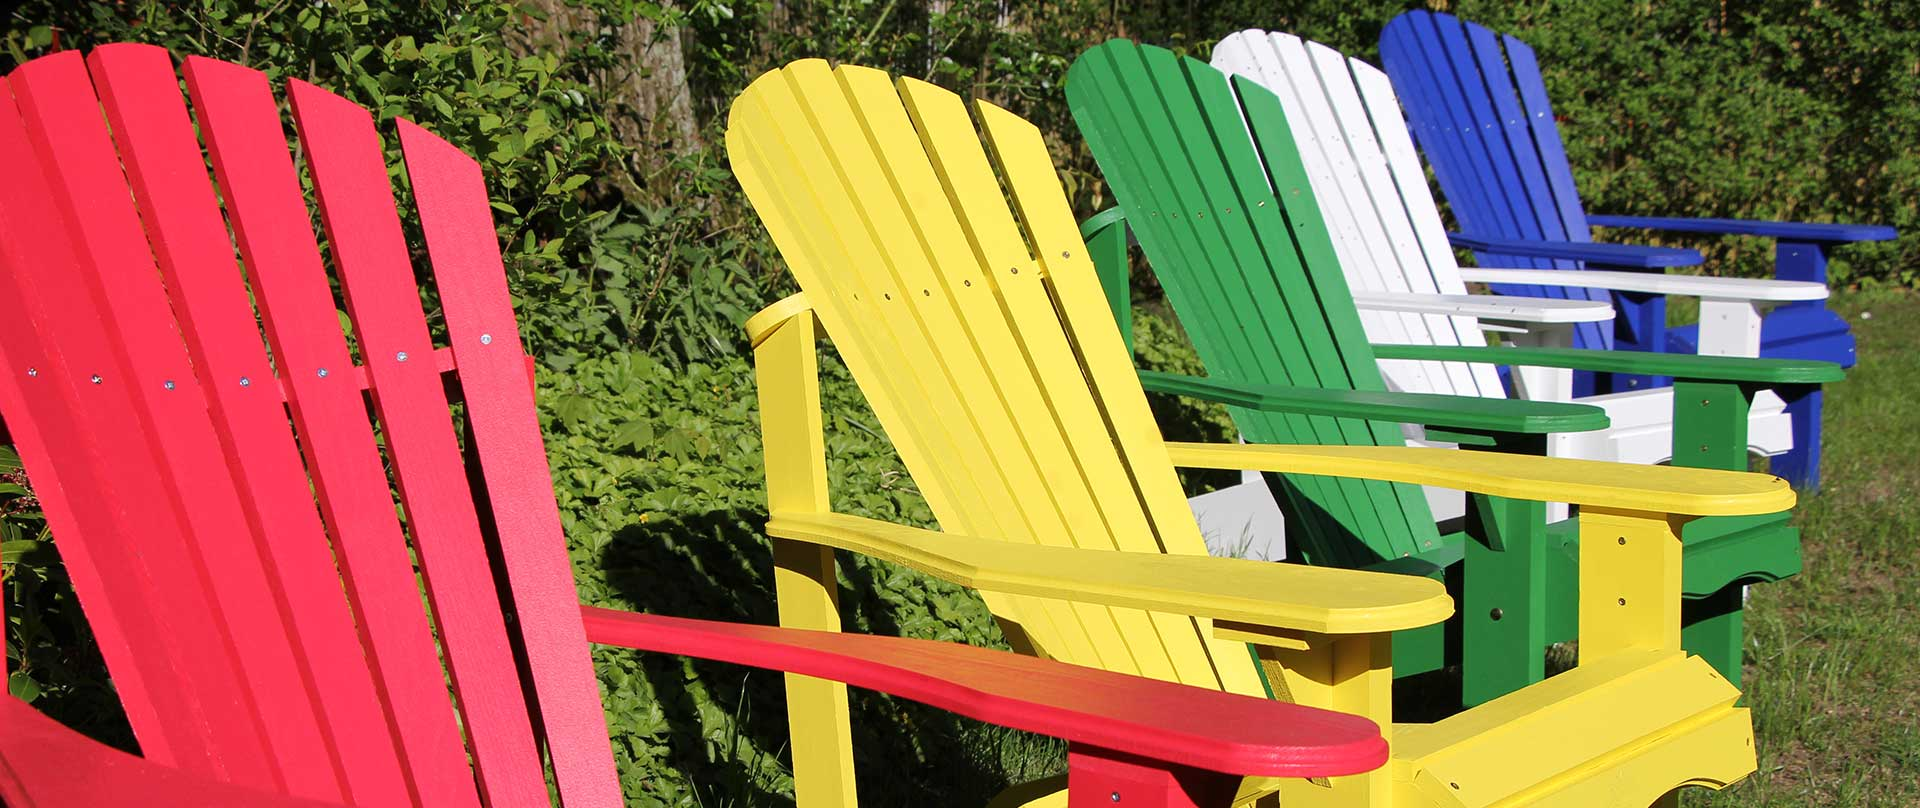 Der-Gartenstuhl Gbr - Muskoka Chair, Adirondack Chair, Gartenstühle aus Norderstedt